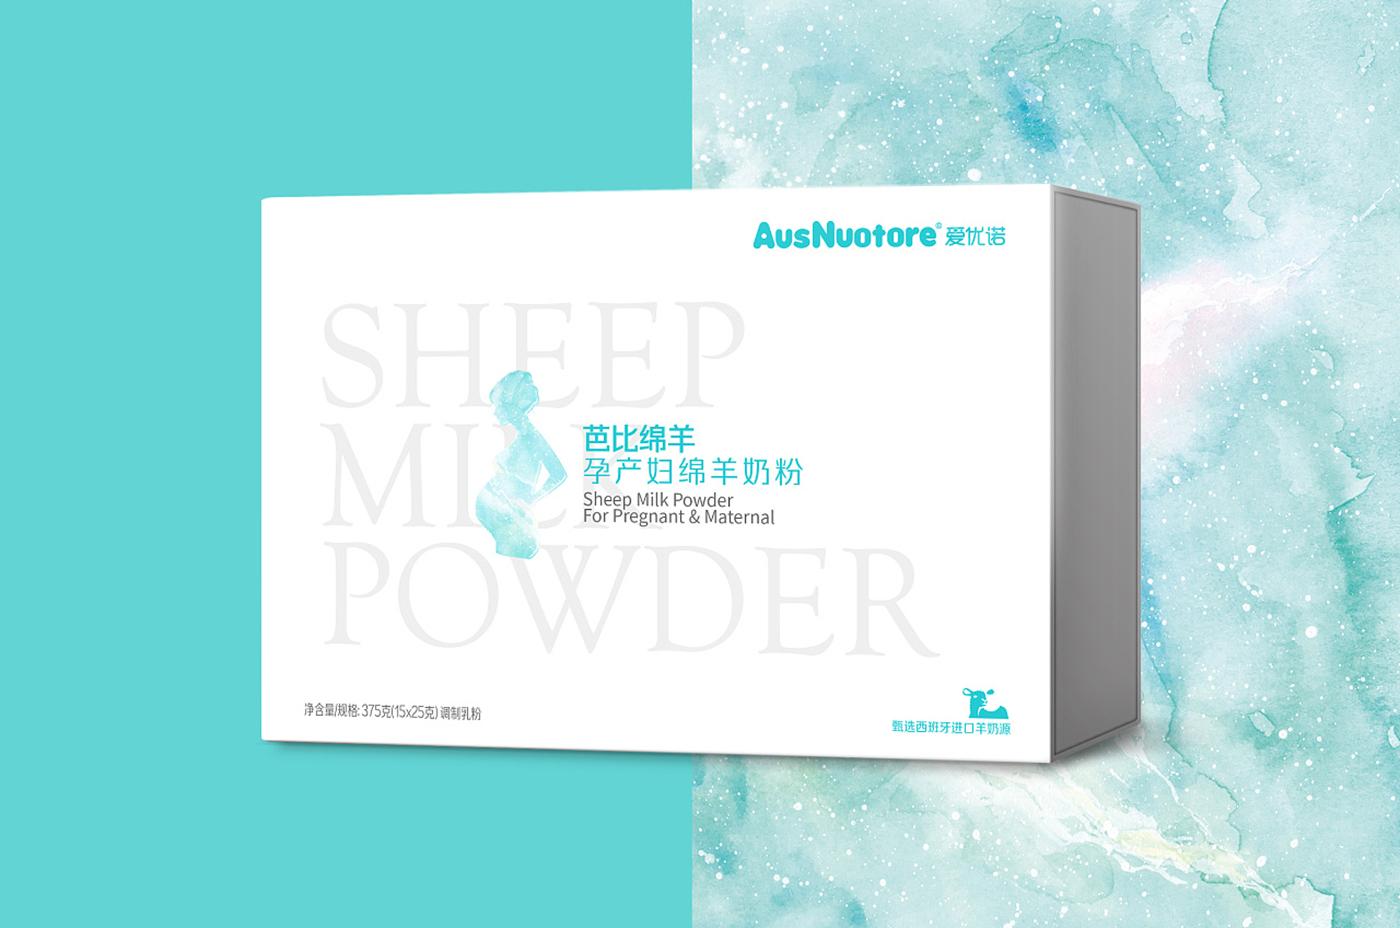 绵羊奶粉包装设计